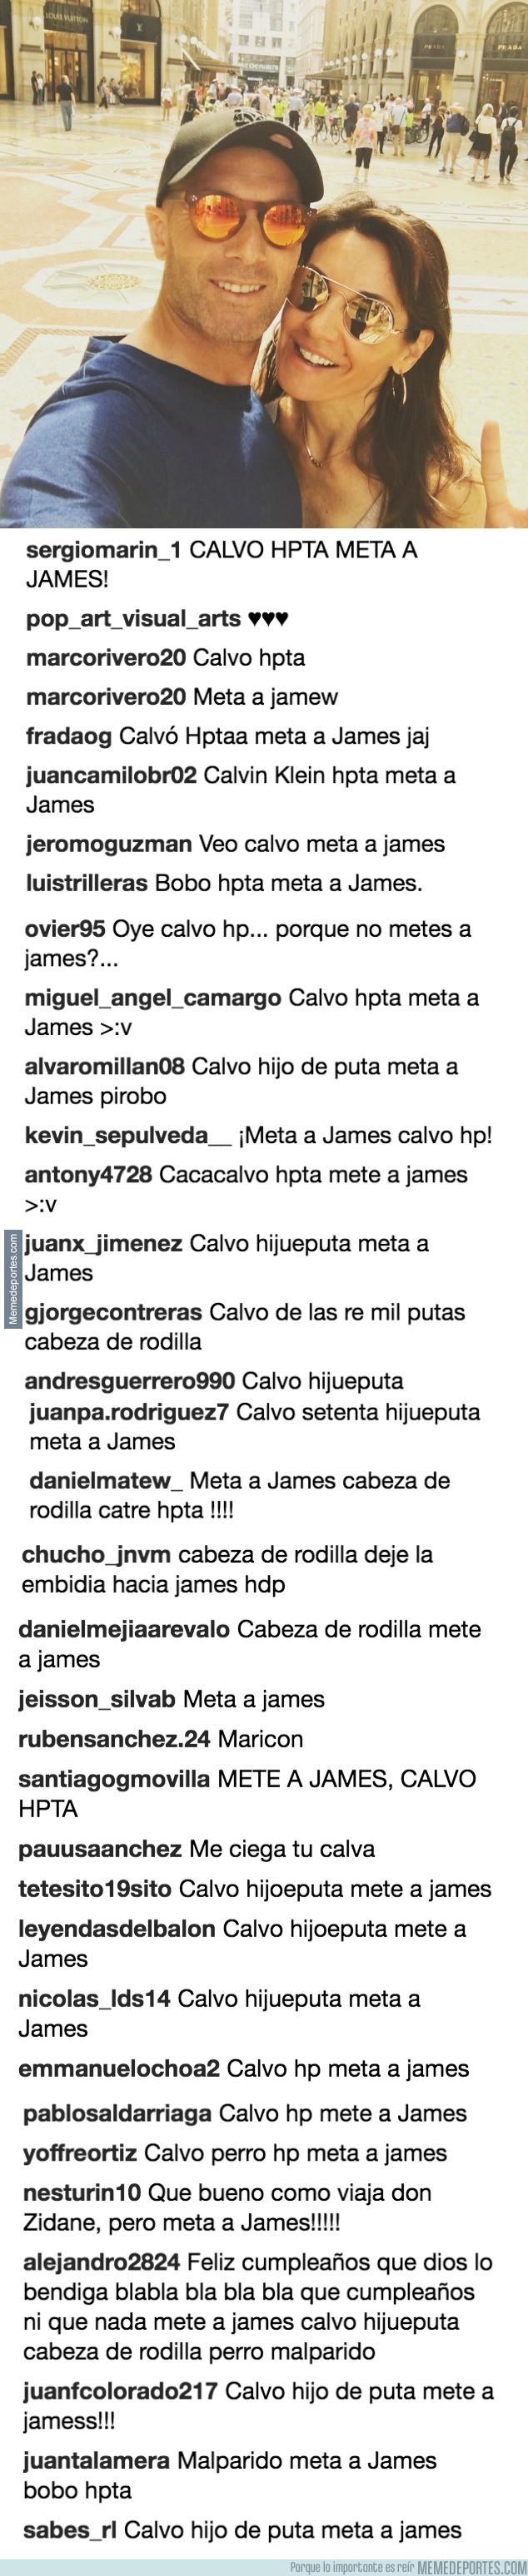 983962 - Zidane sube una foto a Instagram y los trolls colombianos no tardan ni 1seg en aparecer